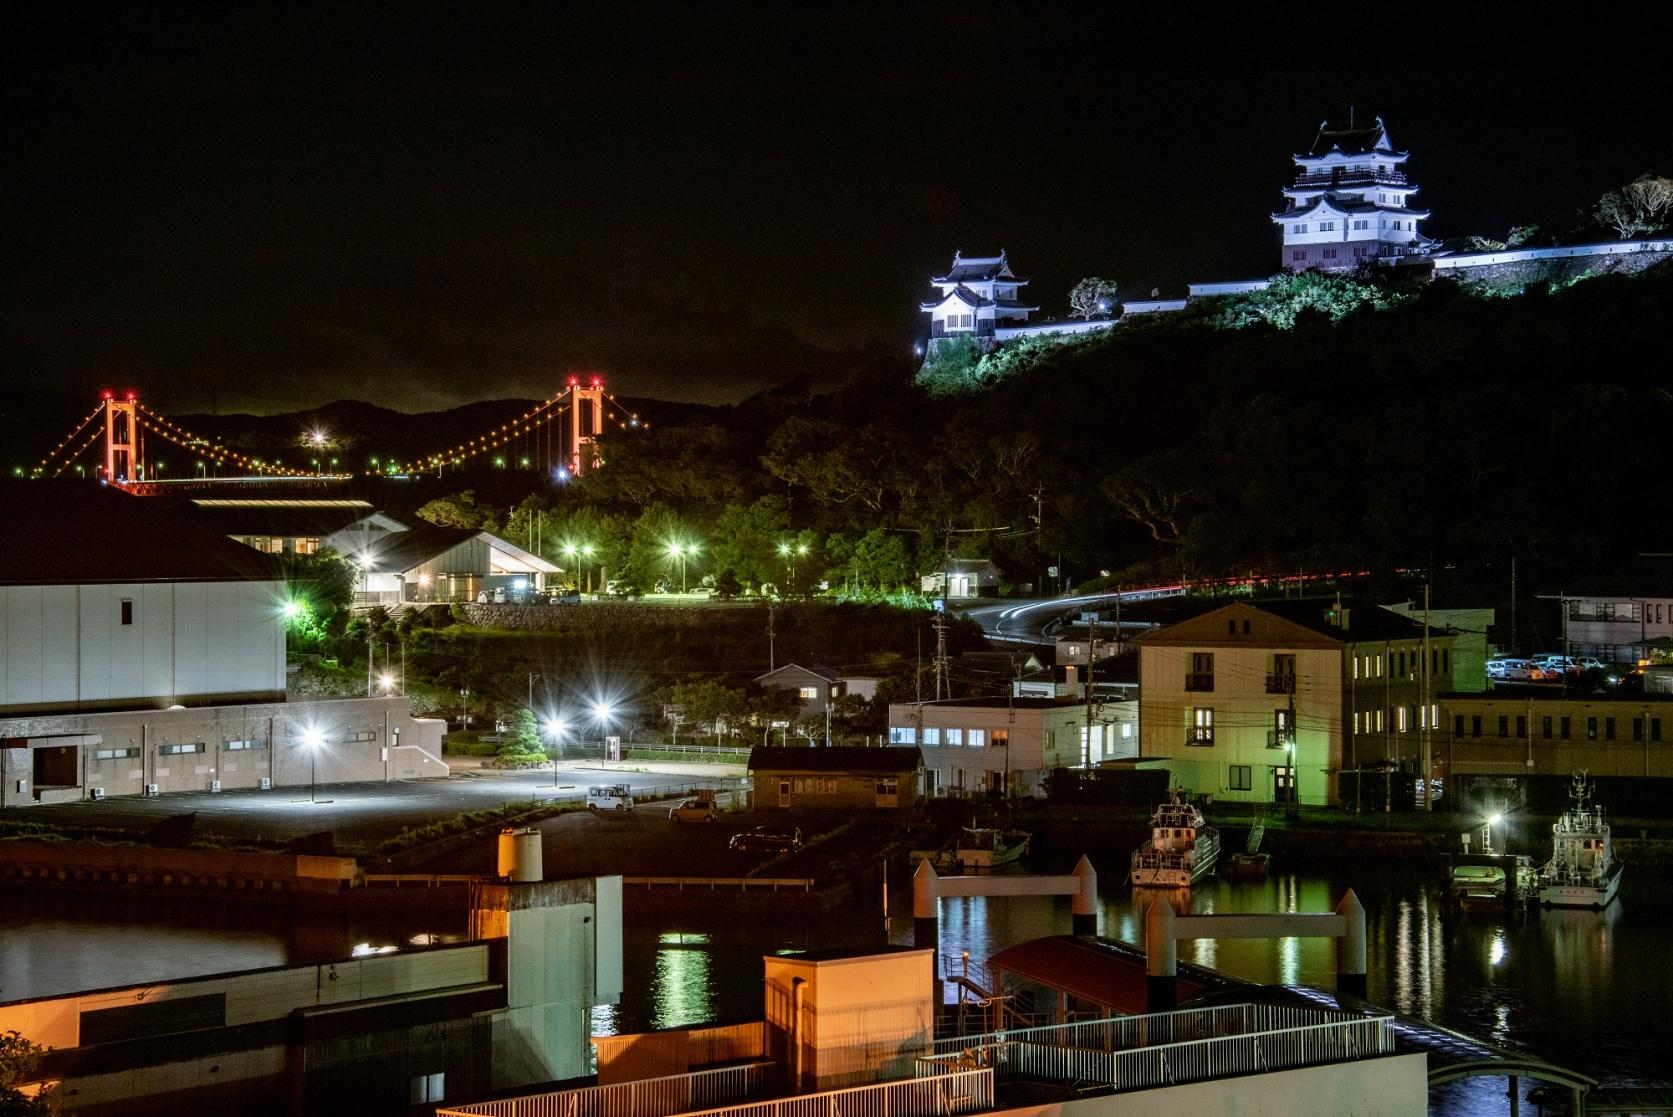 平戸大橋と平戸城を展望できる「崎方公園展望台」-0